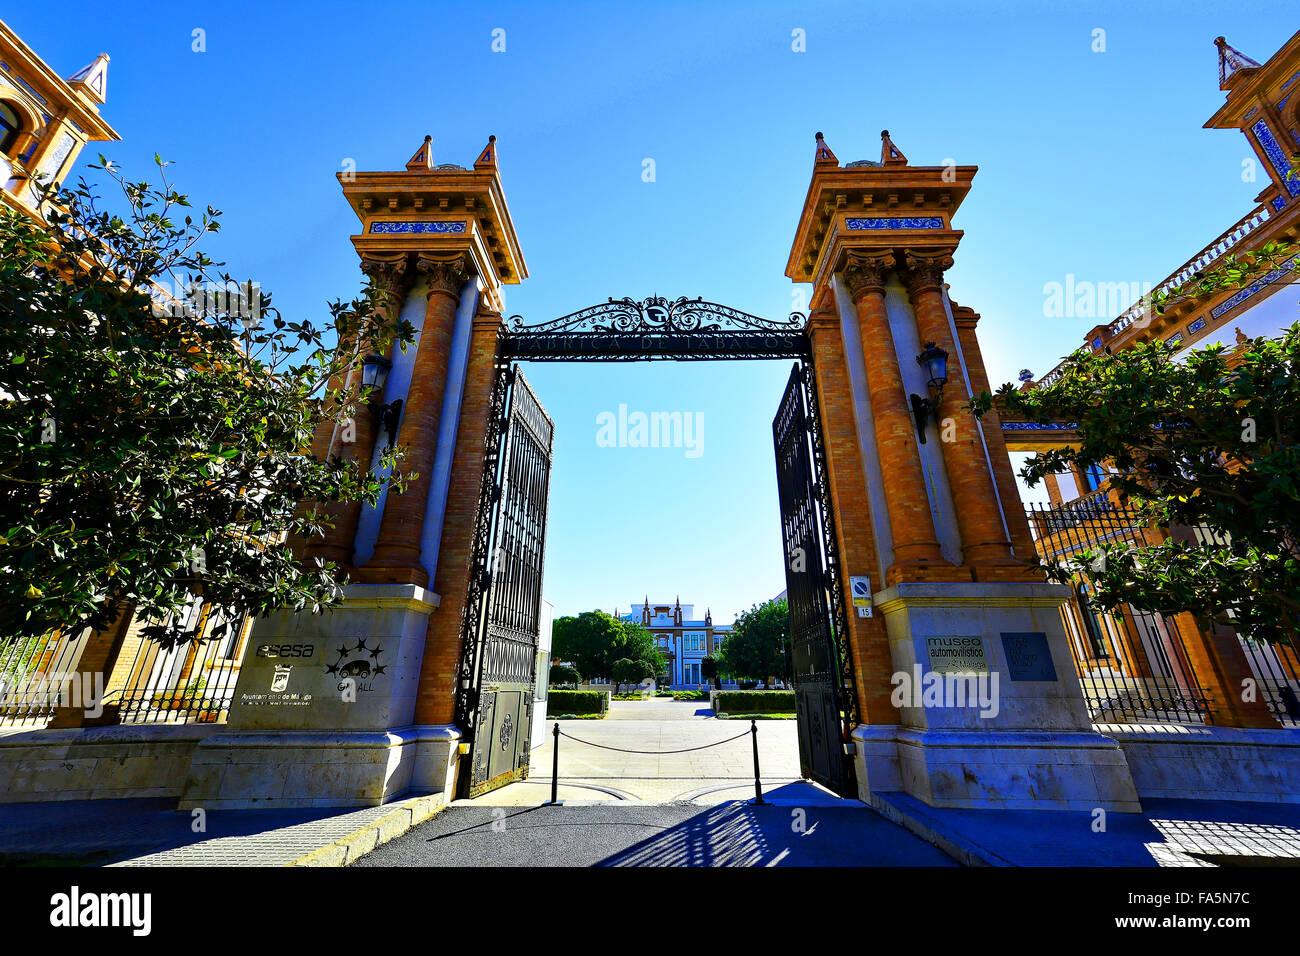 Malaga Spain Automovilistico De Malaga entrance gates - Stock Image